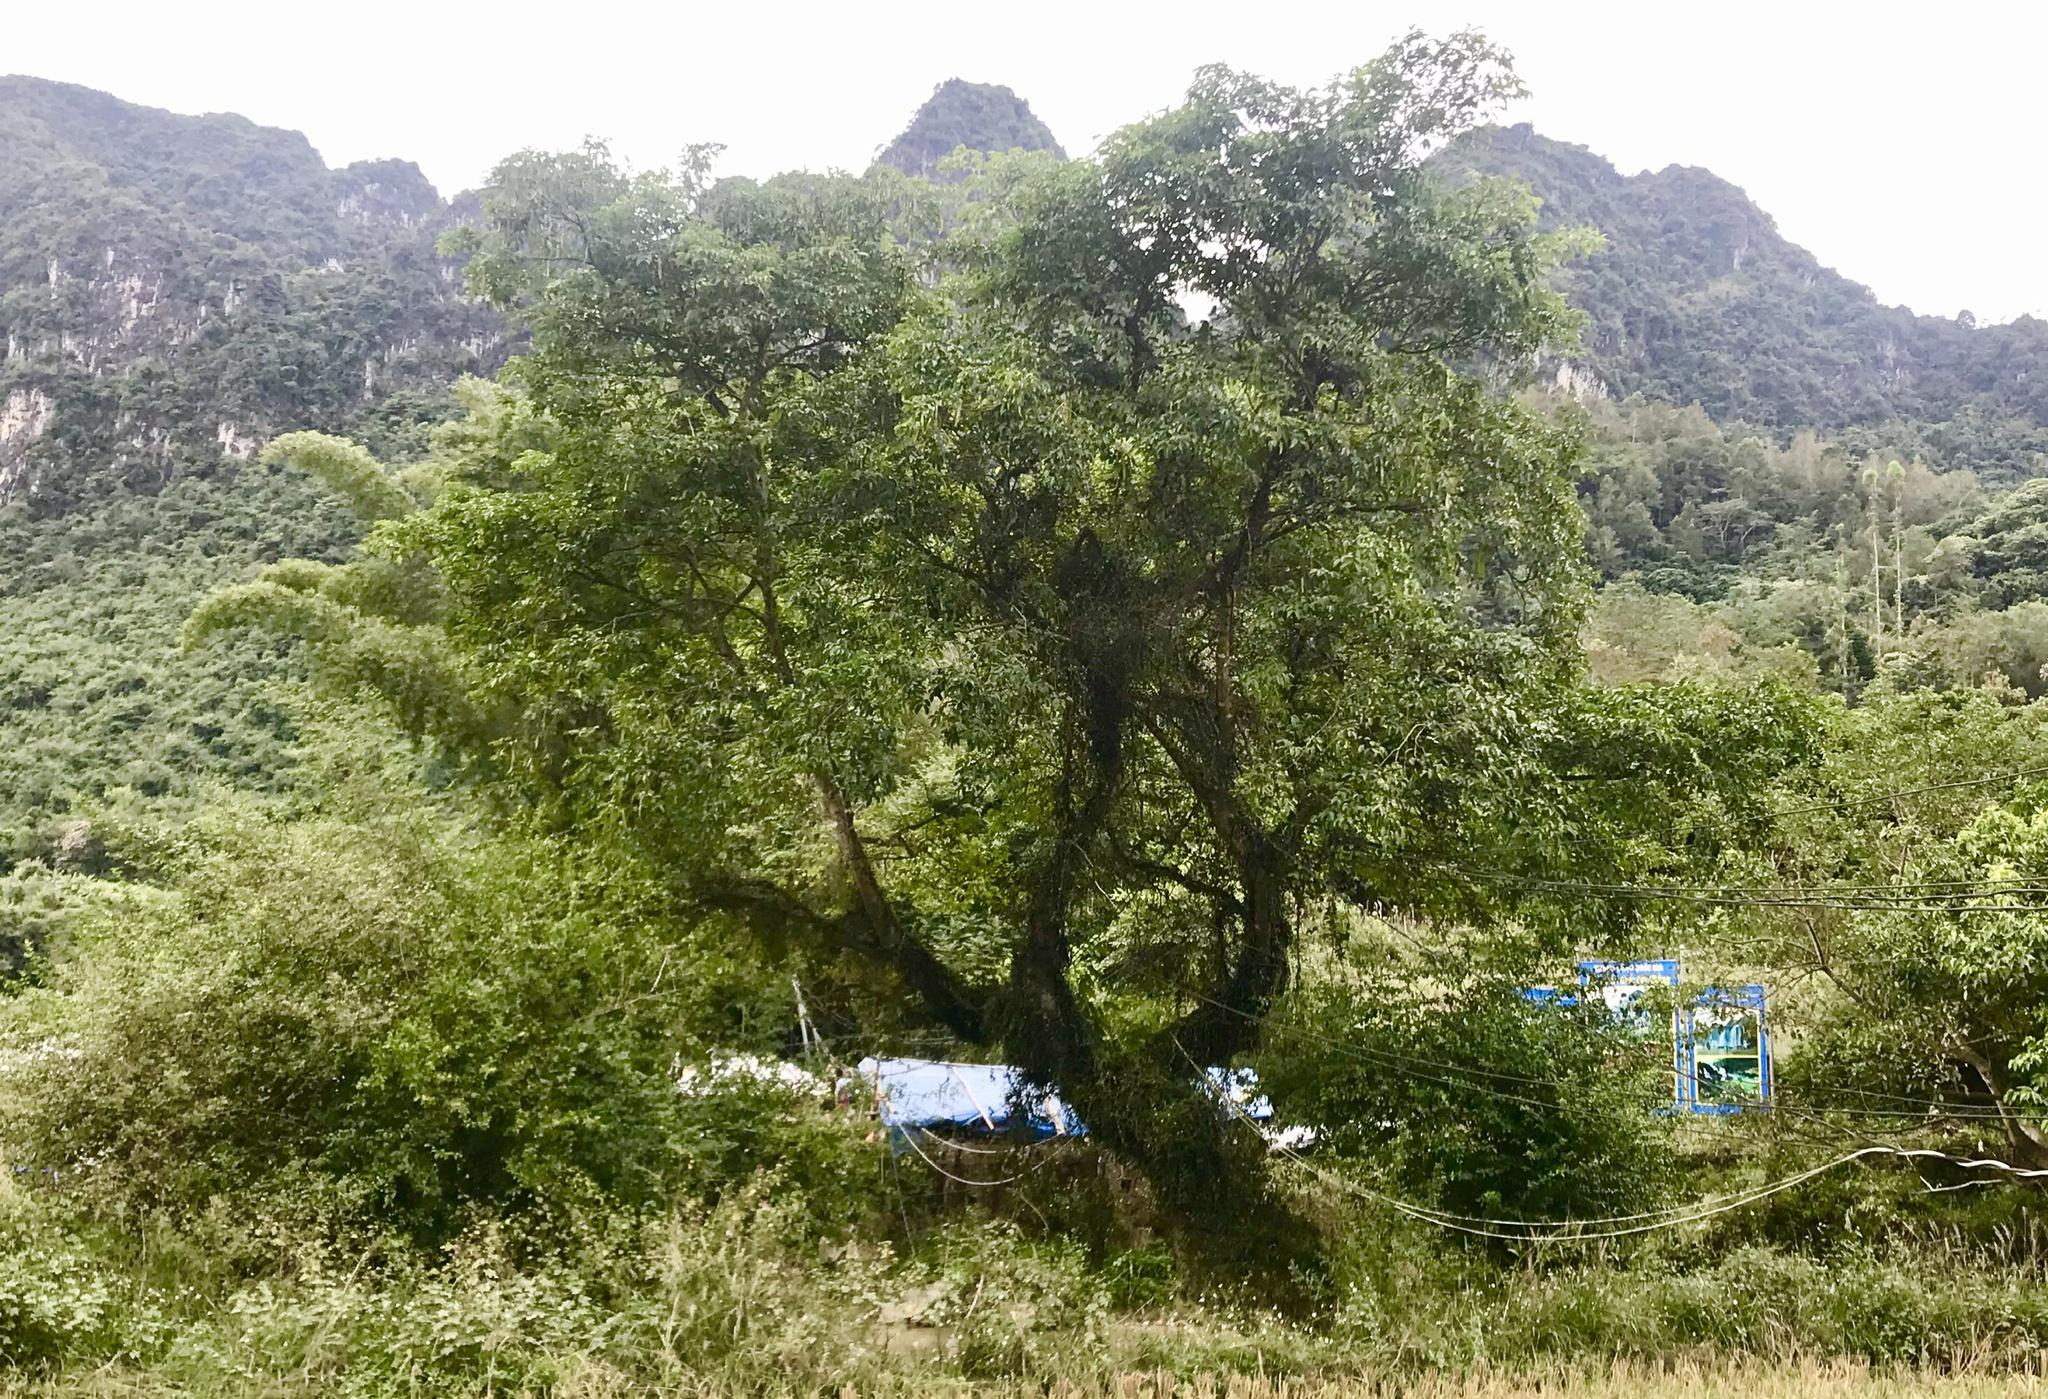 Trồng rừng, phủ xanh rừng trọc cũng là cách làm kinh tế khi người dân nhận được tiền từ dịch vụ môi trường rừng /// Ảnh: Ng.Ng